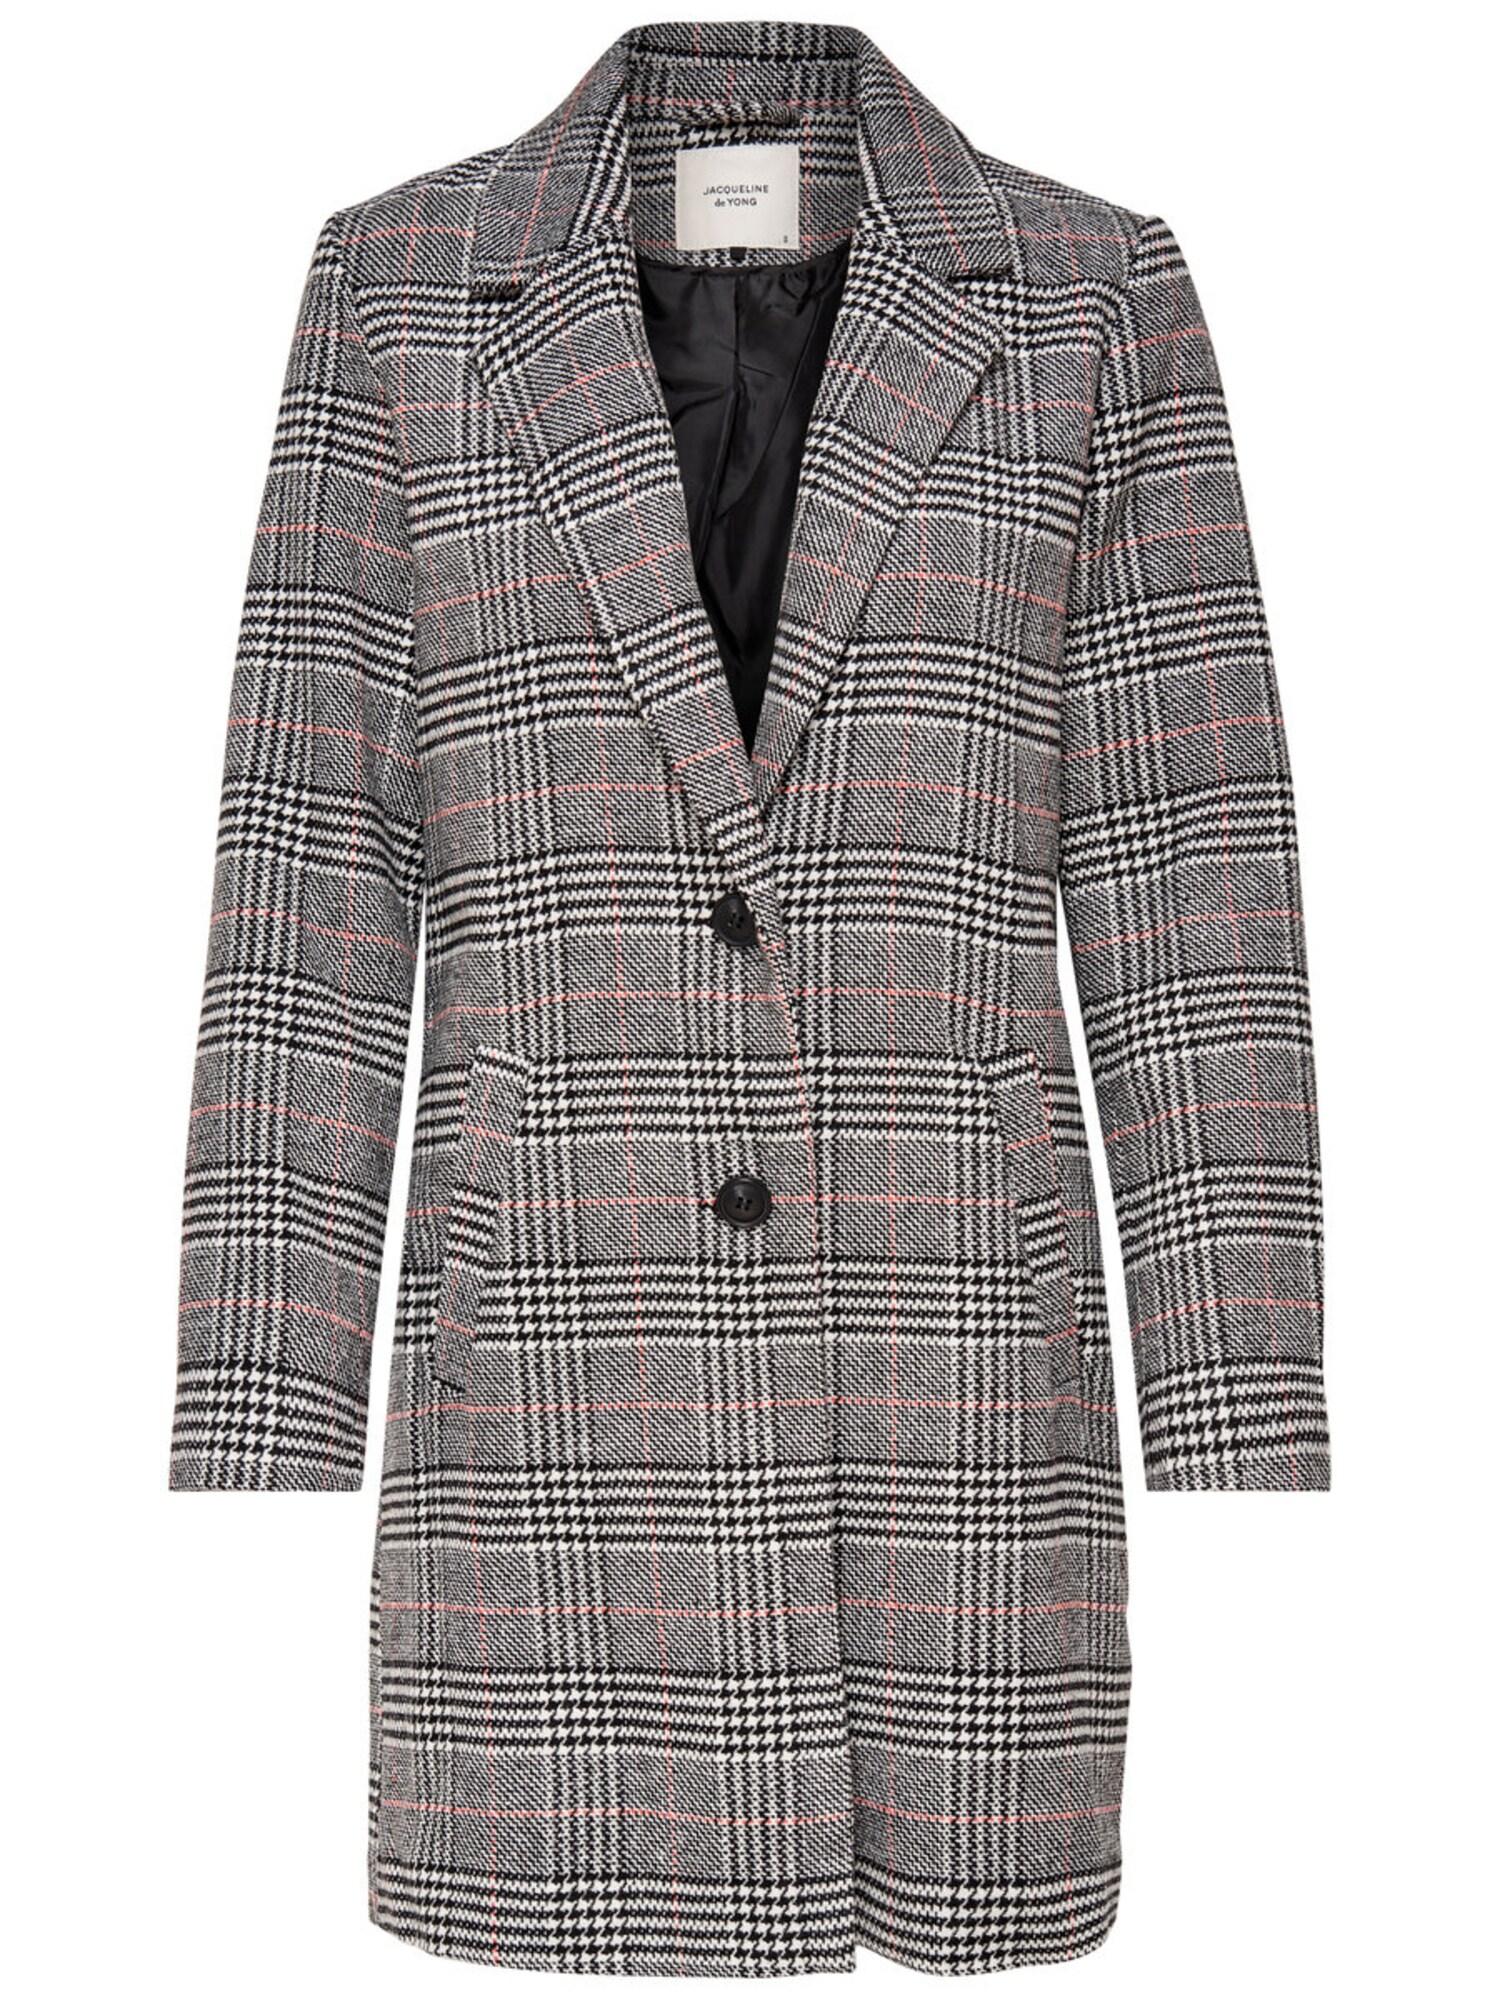 Přechodný kabát Emma korálová černá bílá JACQUELINE De YONG